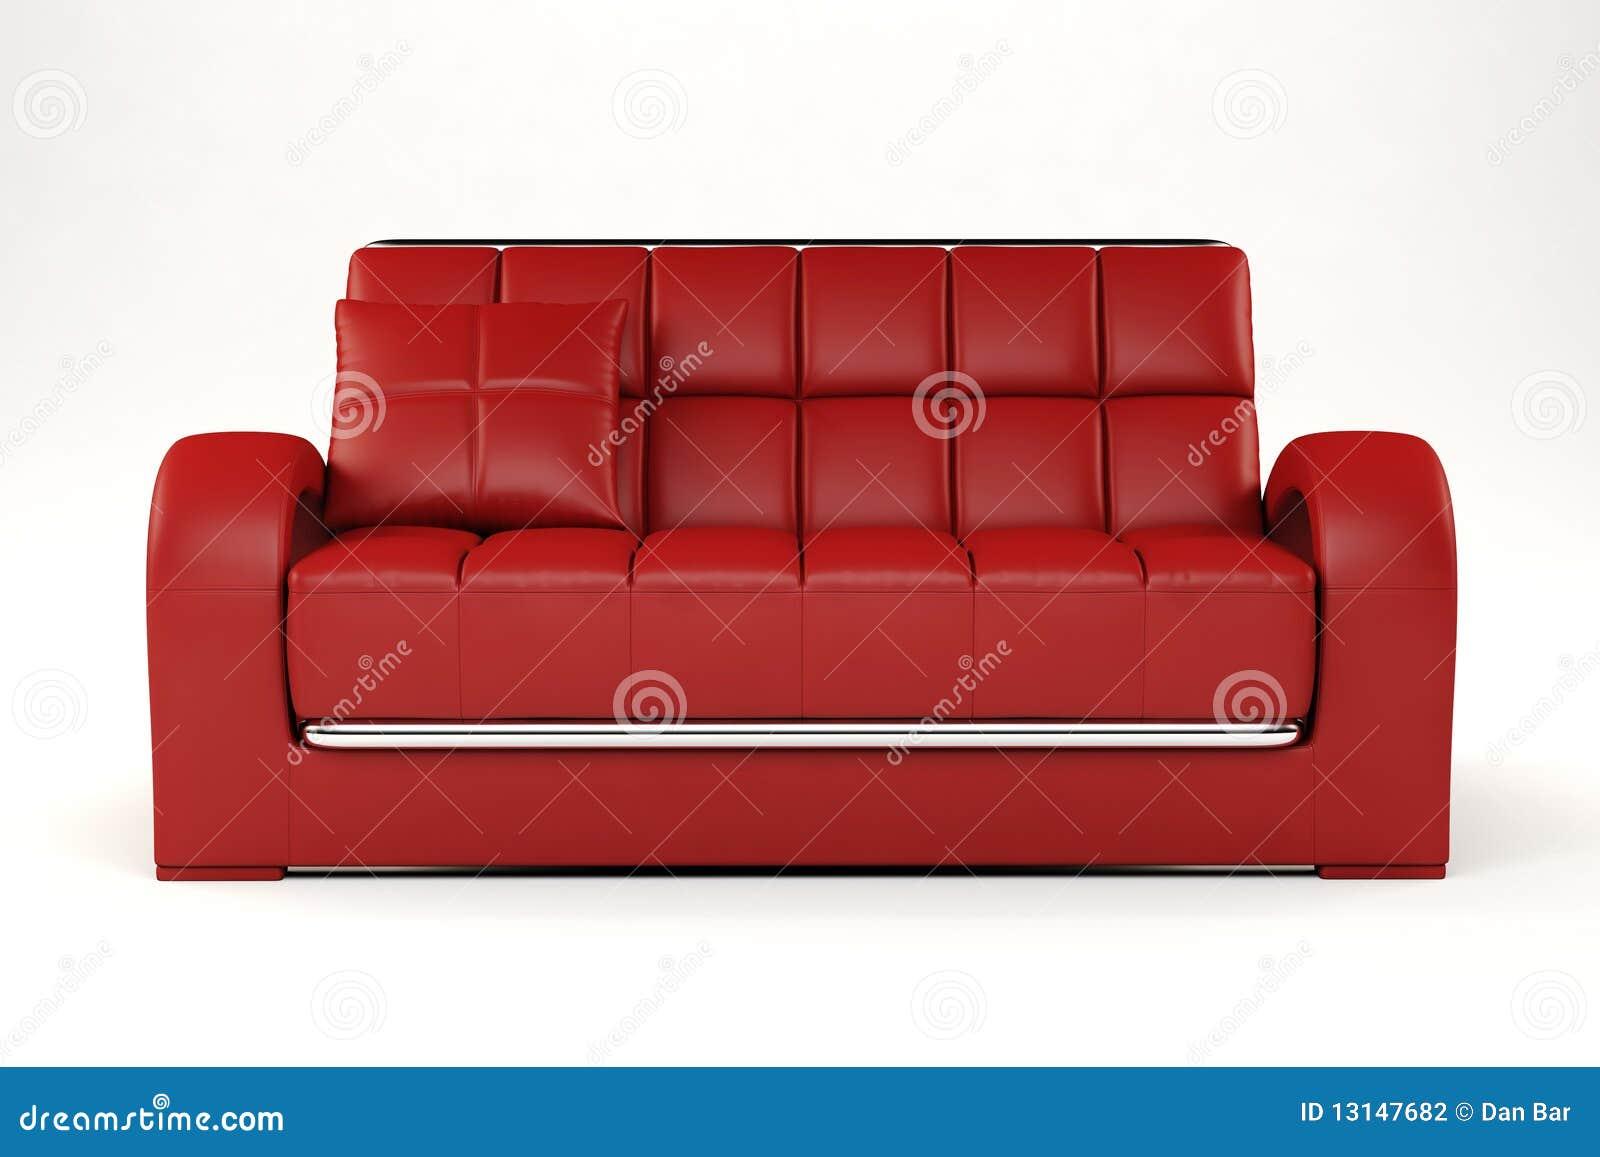 Rote Couch 3d Auf Weiß Stock Abbildung Illustration Von Idee 13147682